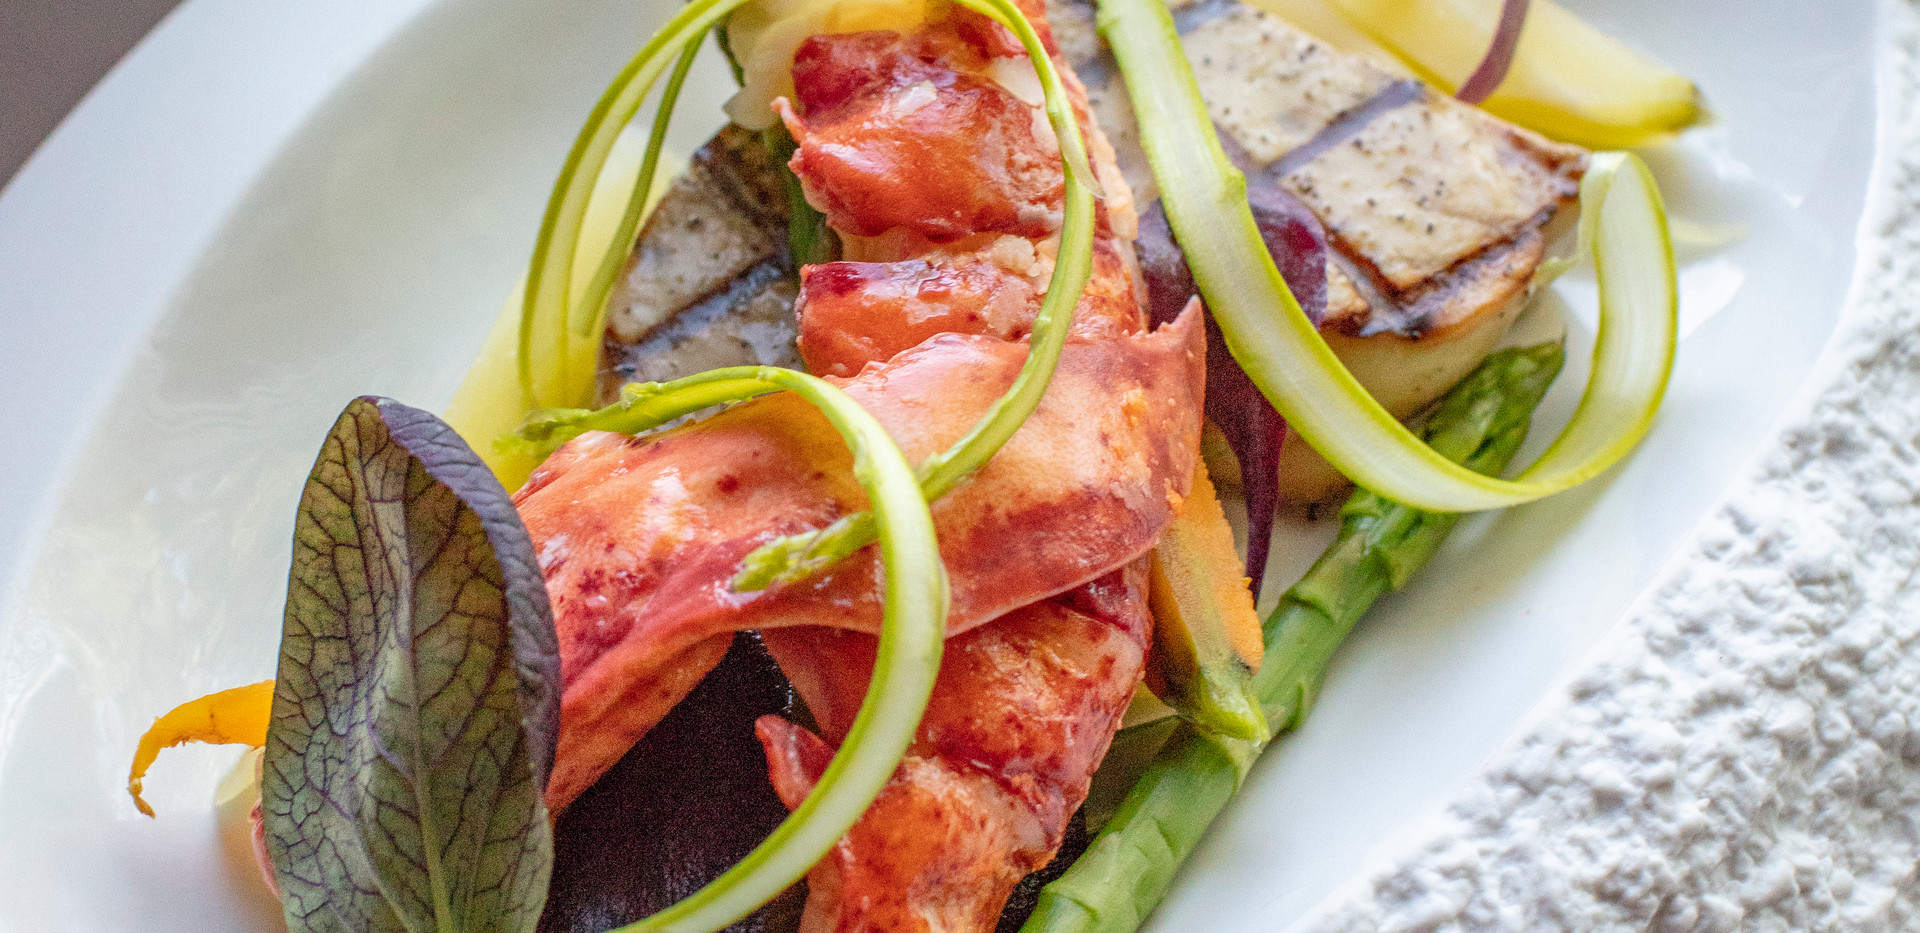 Lobster & foie gras indulgence